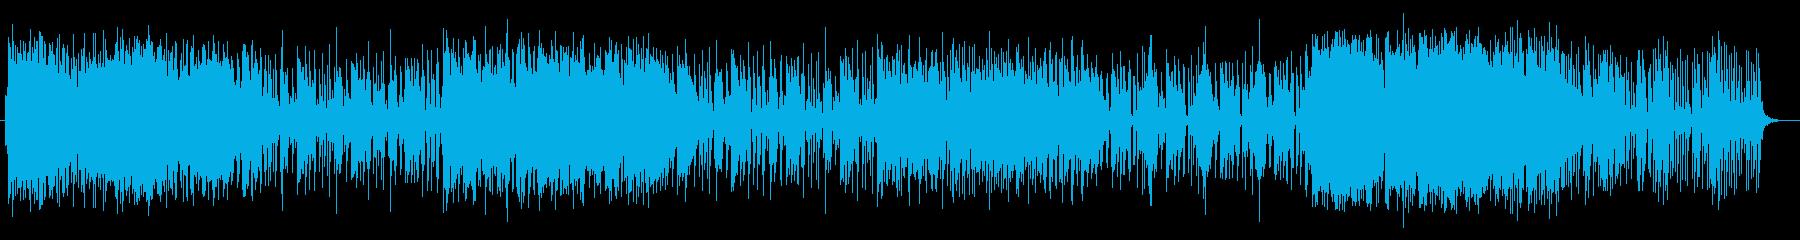 オシャレで華麗なジャズBGMの再生済みの波形